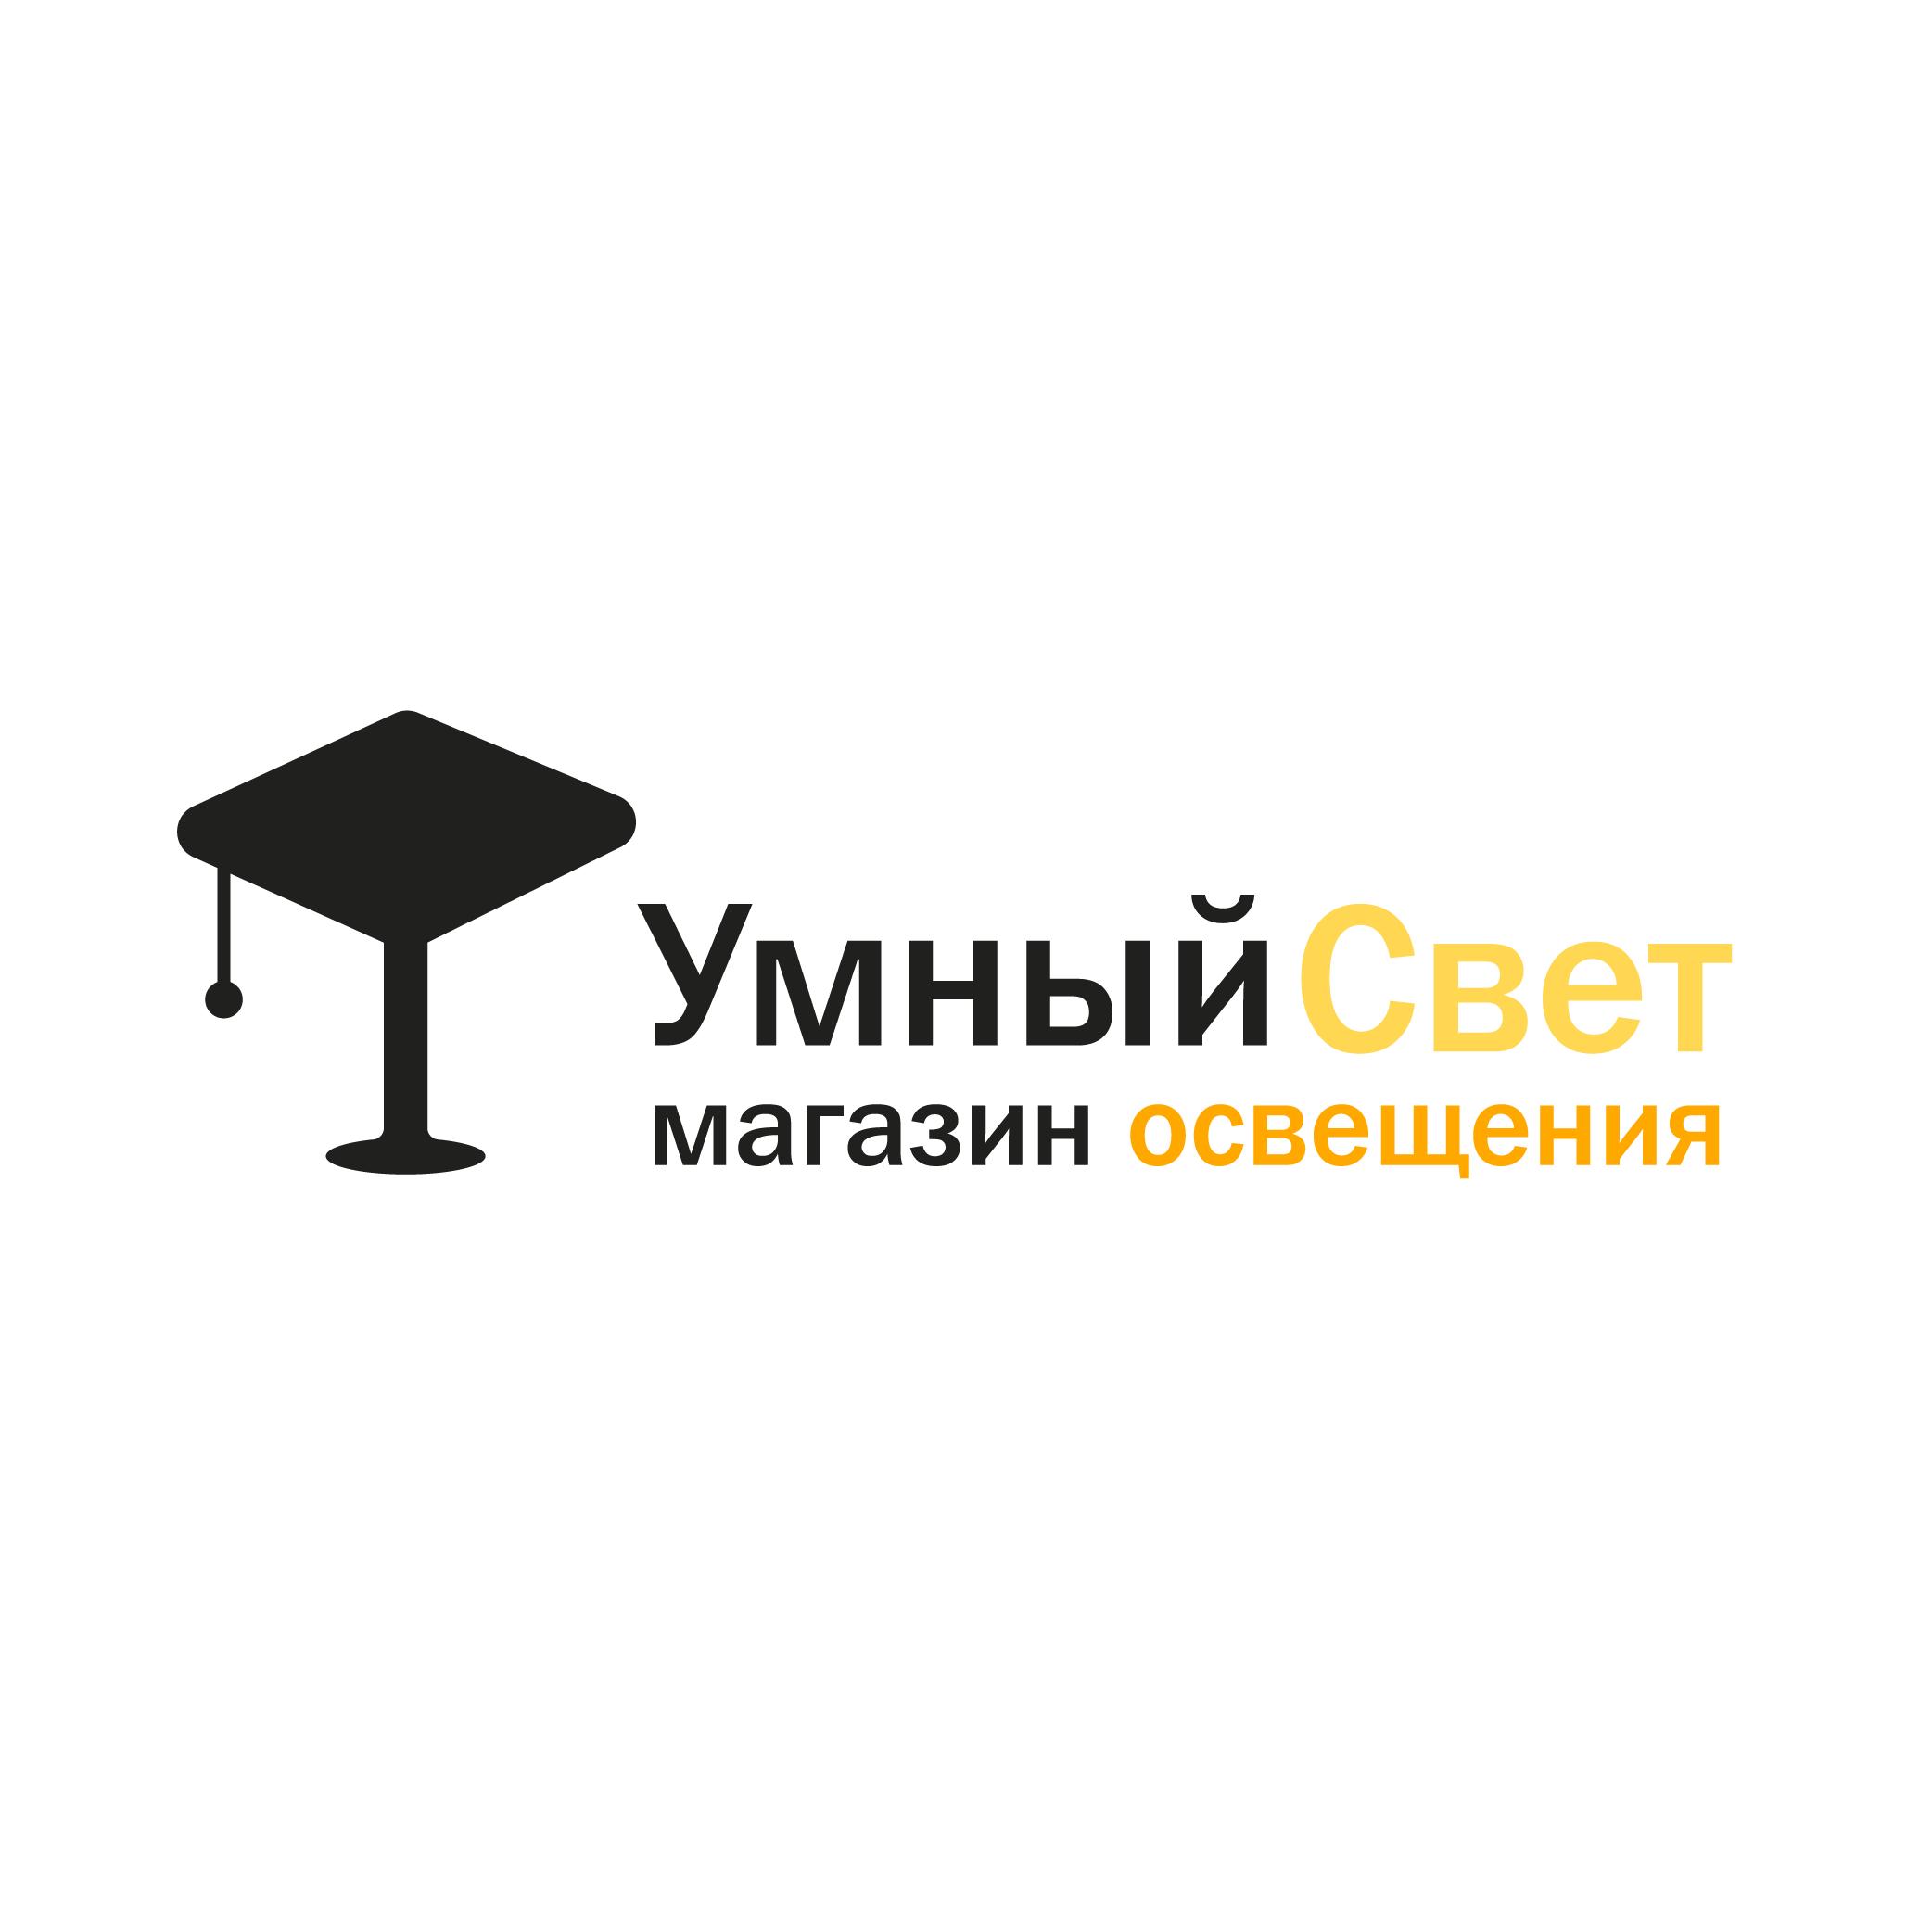 Логотип для салон-магазина освещения фото f_5405cfe65afd870b.png